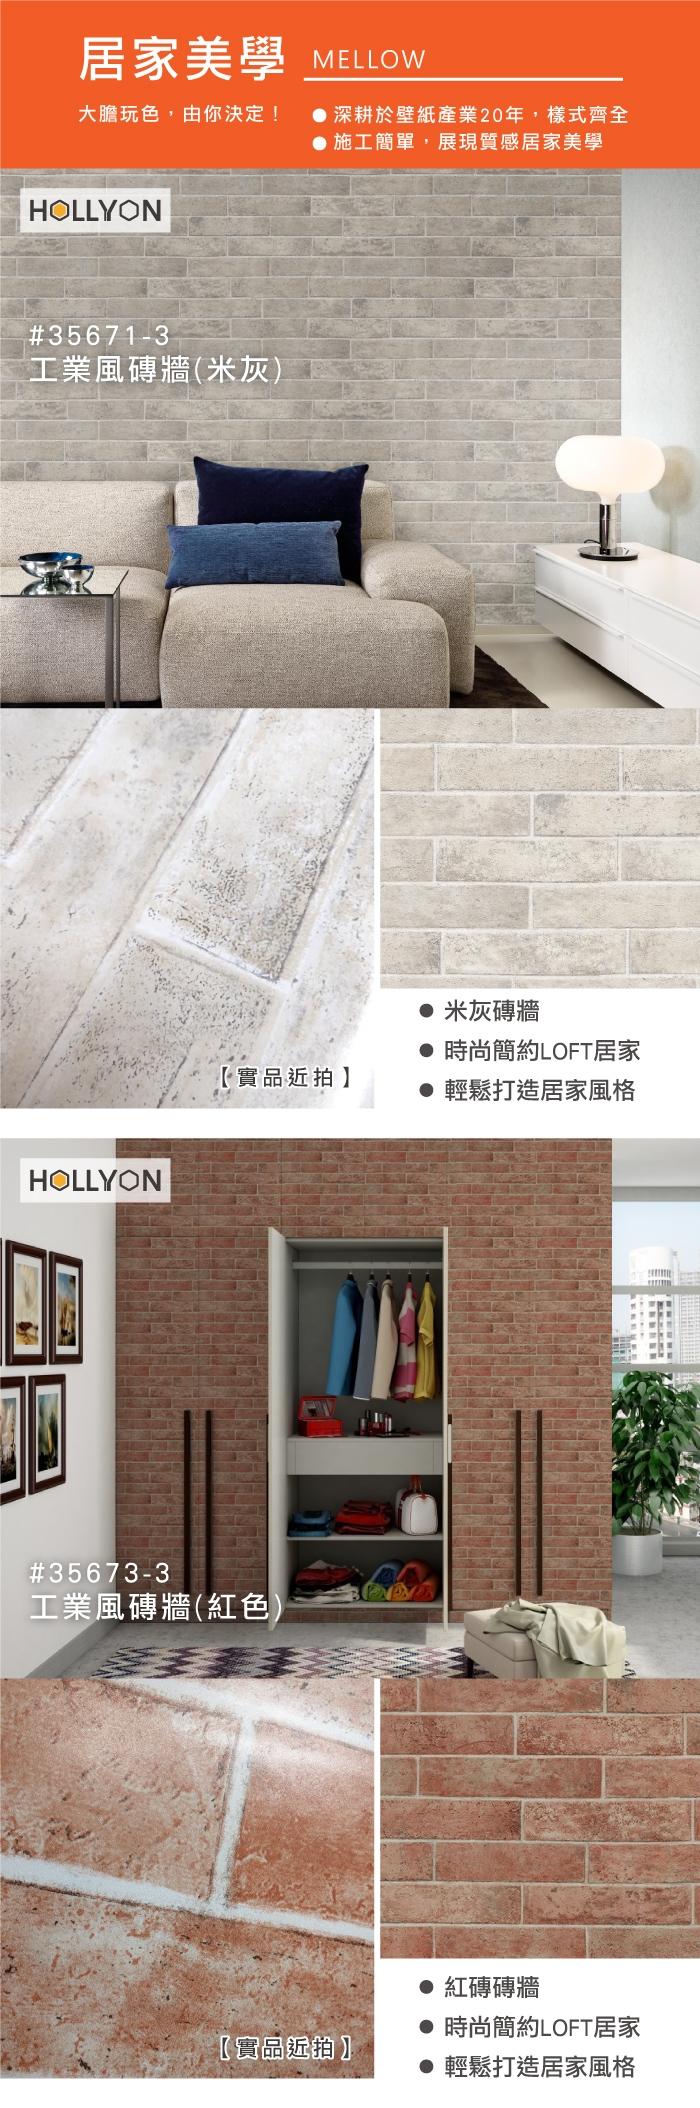 Hollyon赫里翁 背膠隨意壁紙壁貼防水防焰無甲醛好撕不殘膠多用途背膠牆